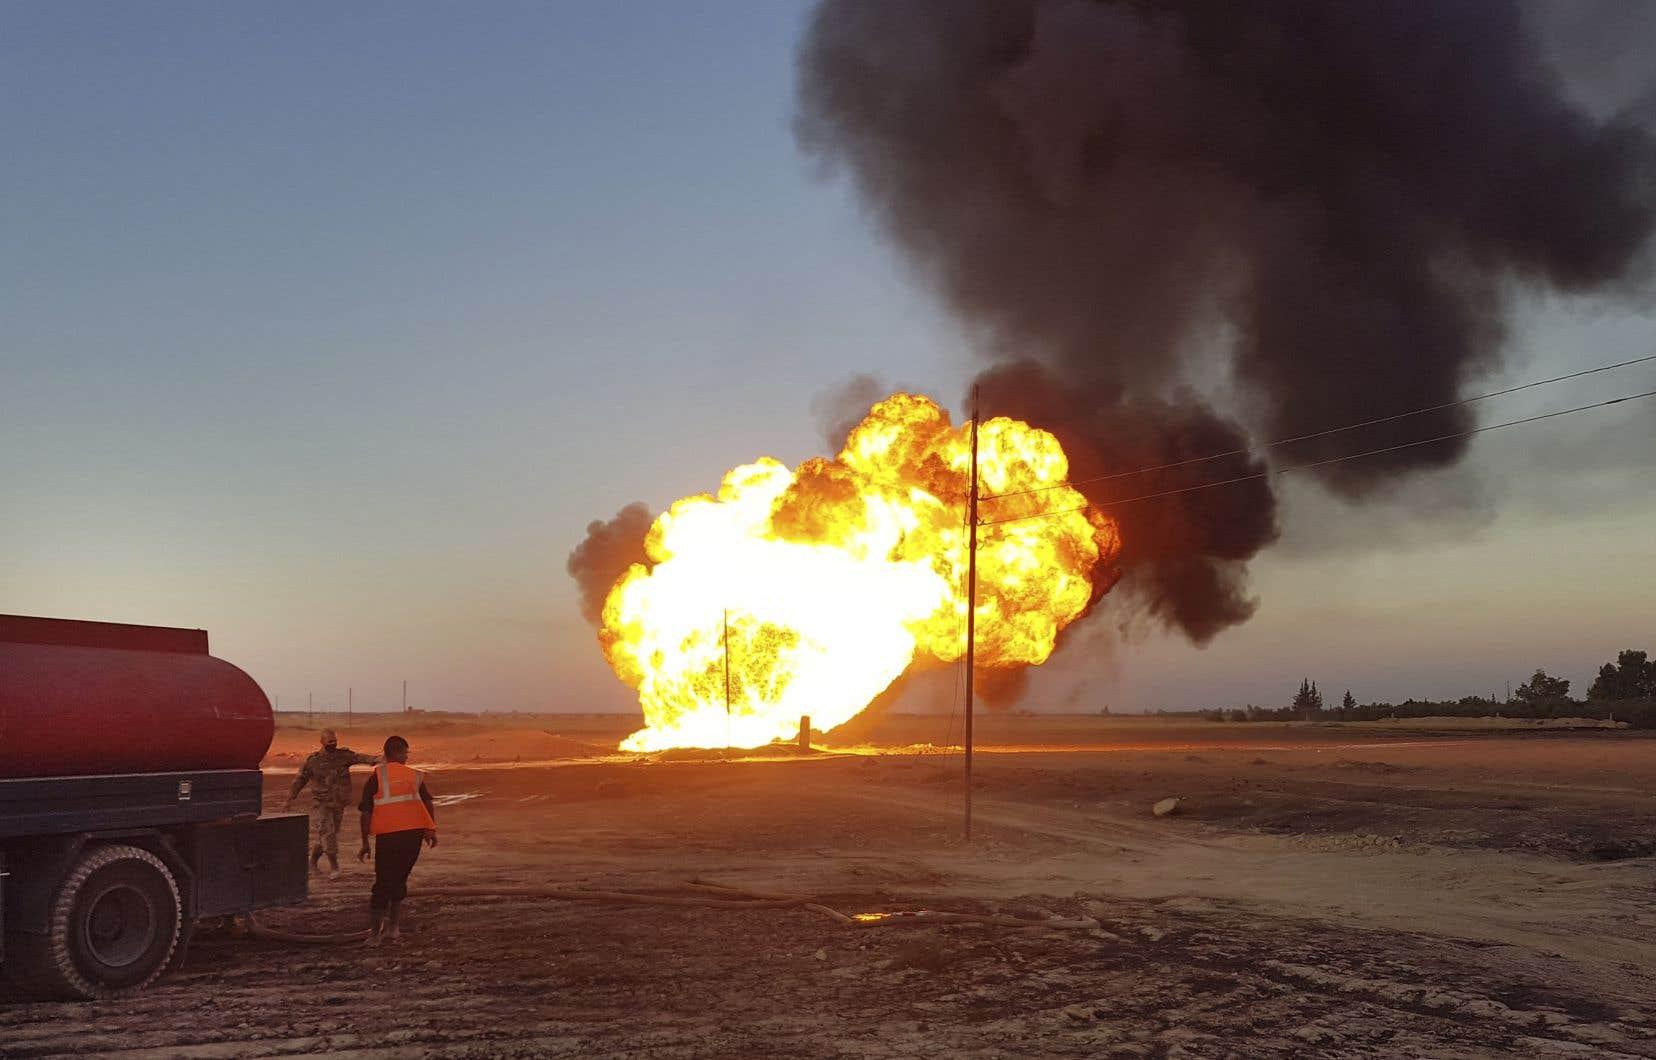 L'agence de presse syrienne a publié des images d'un incendie qui, selon elle, a été causé par l'explosion du gazoduc.